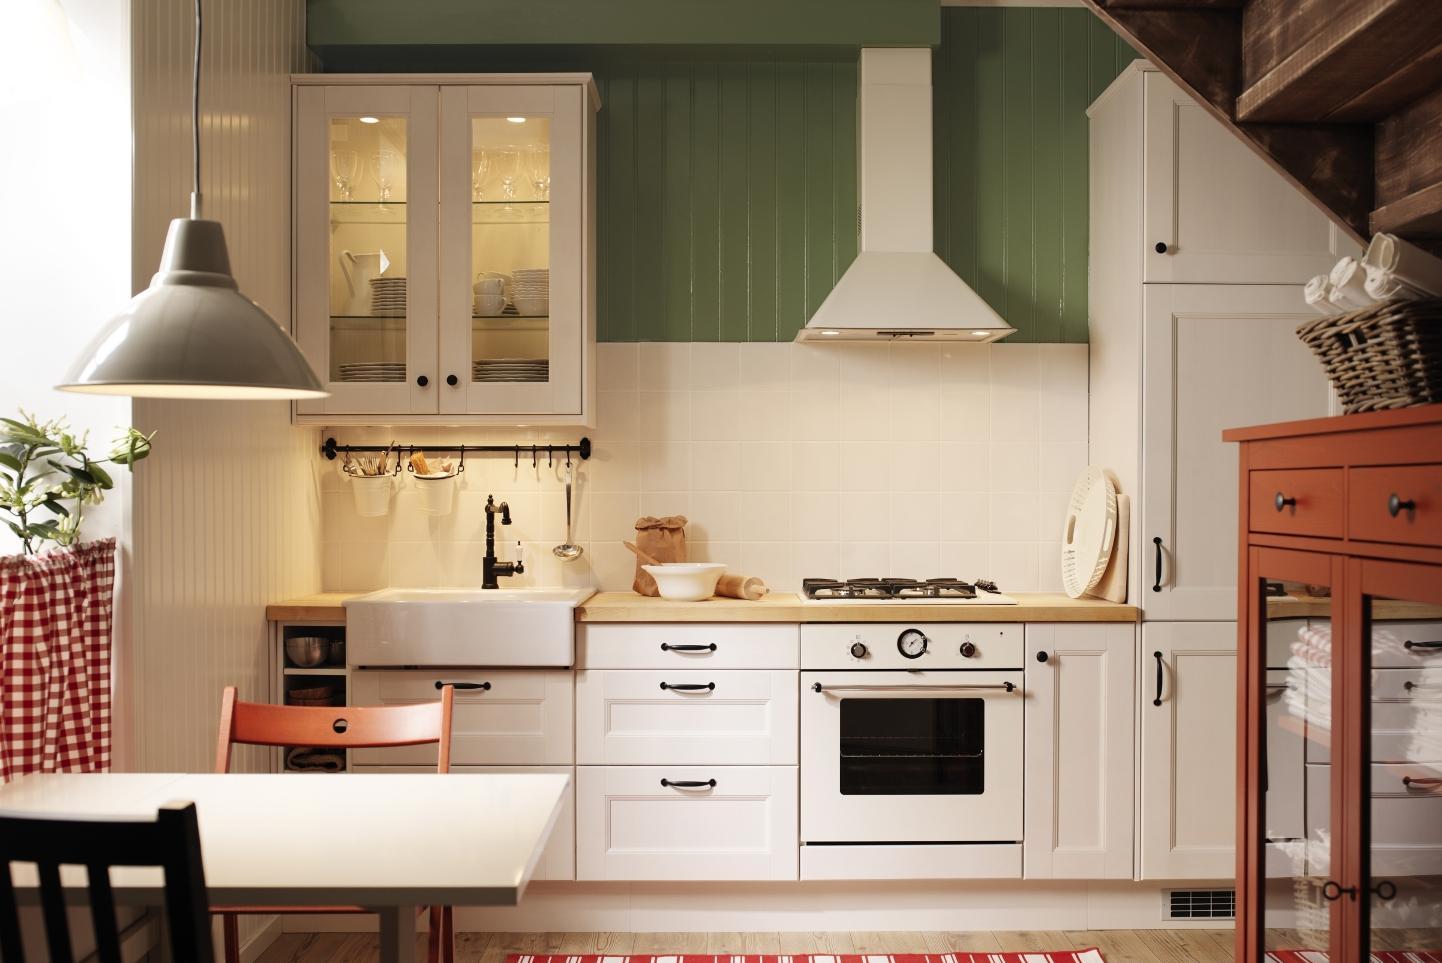 Cucine arte povera mondo convenienza - Cucine offerte mondo convenienza ...